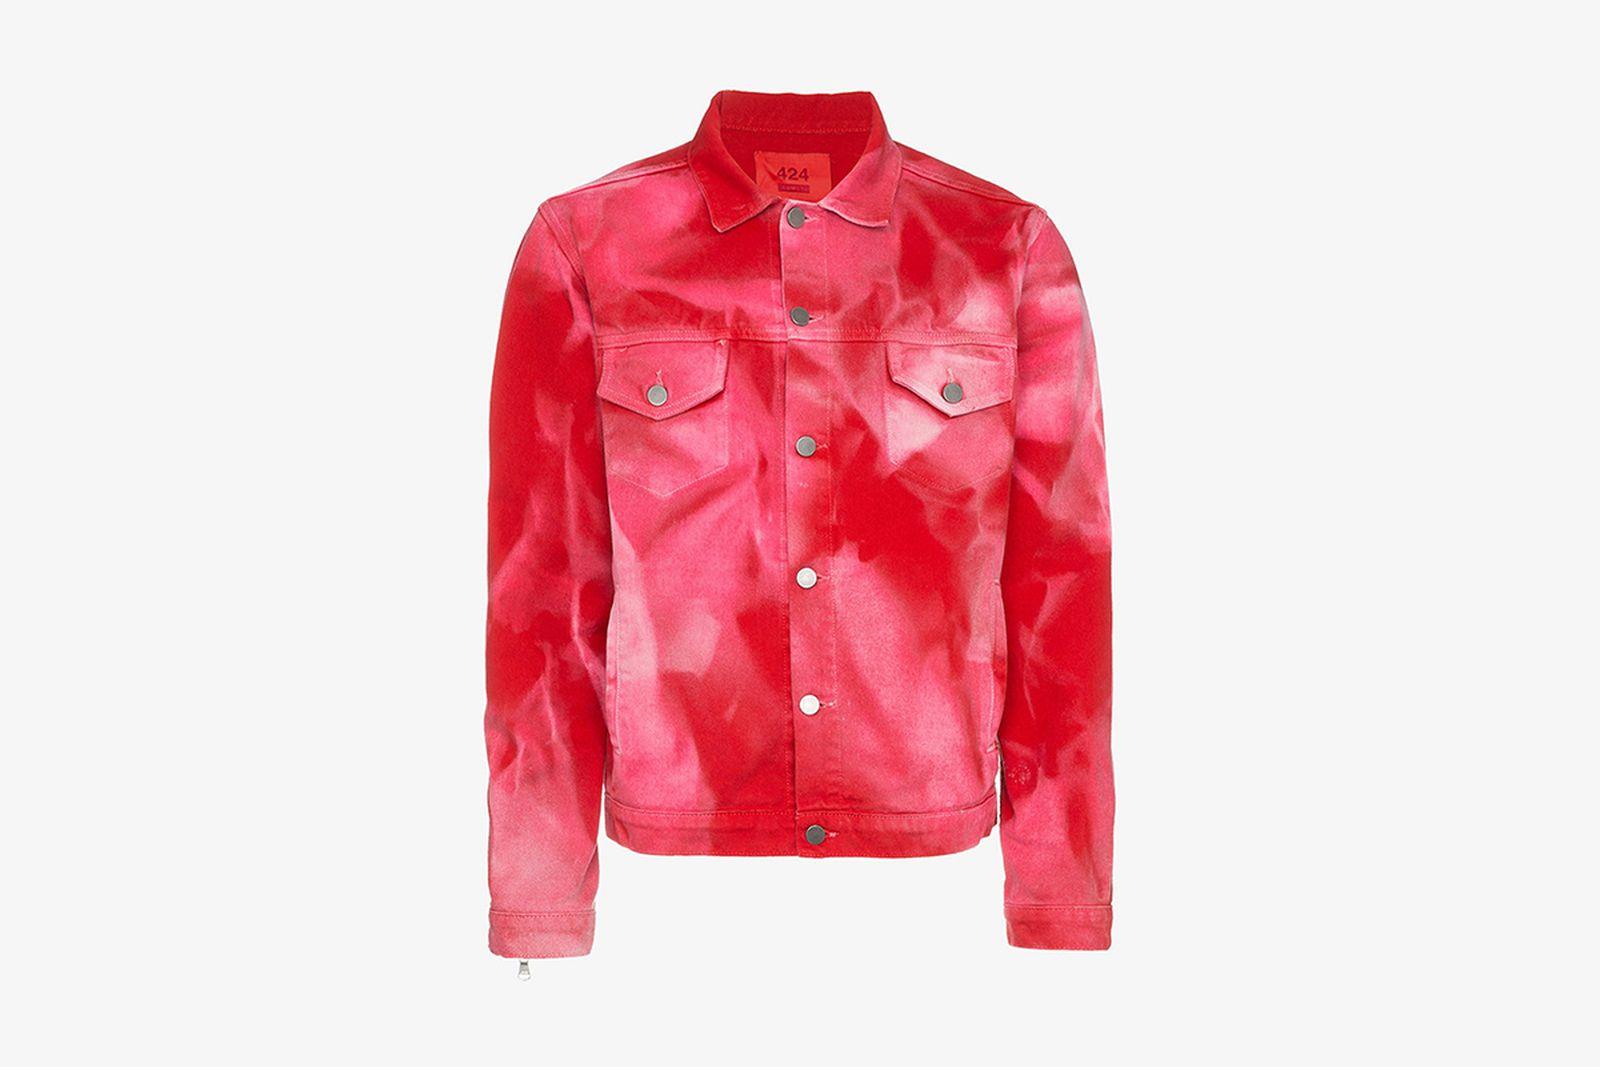 Browns Fashion 424 Fairfax X Armies Bleach Trucker Jacket ARMES tie dye